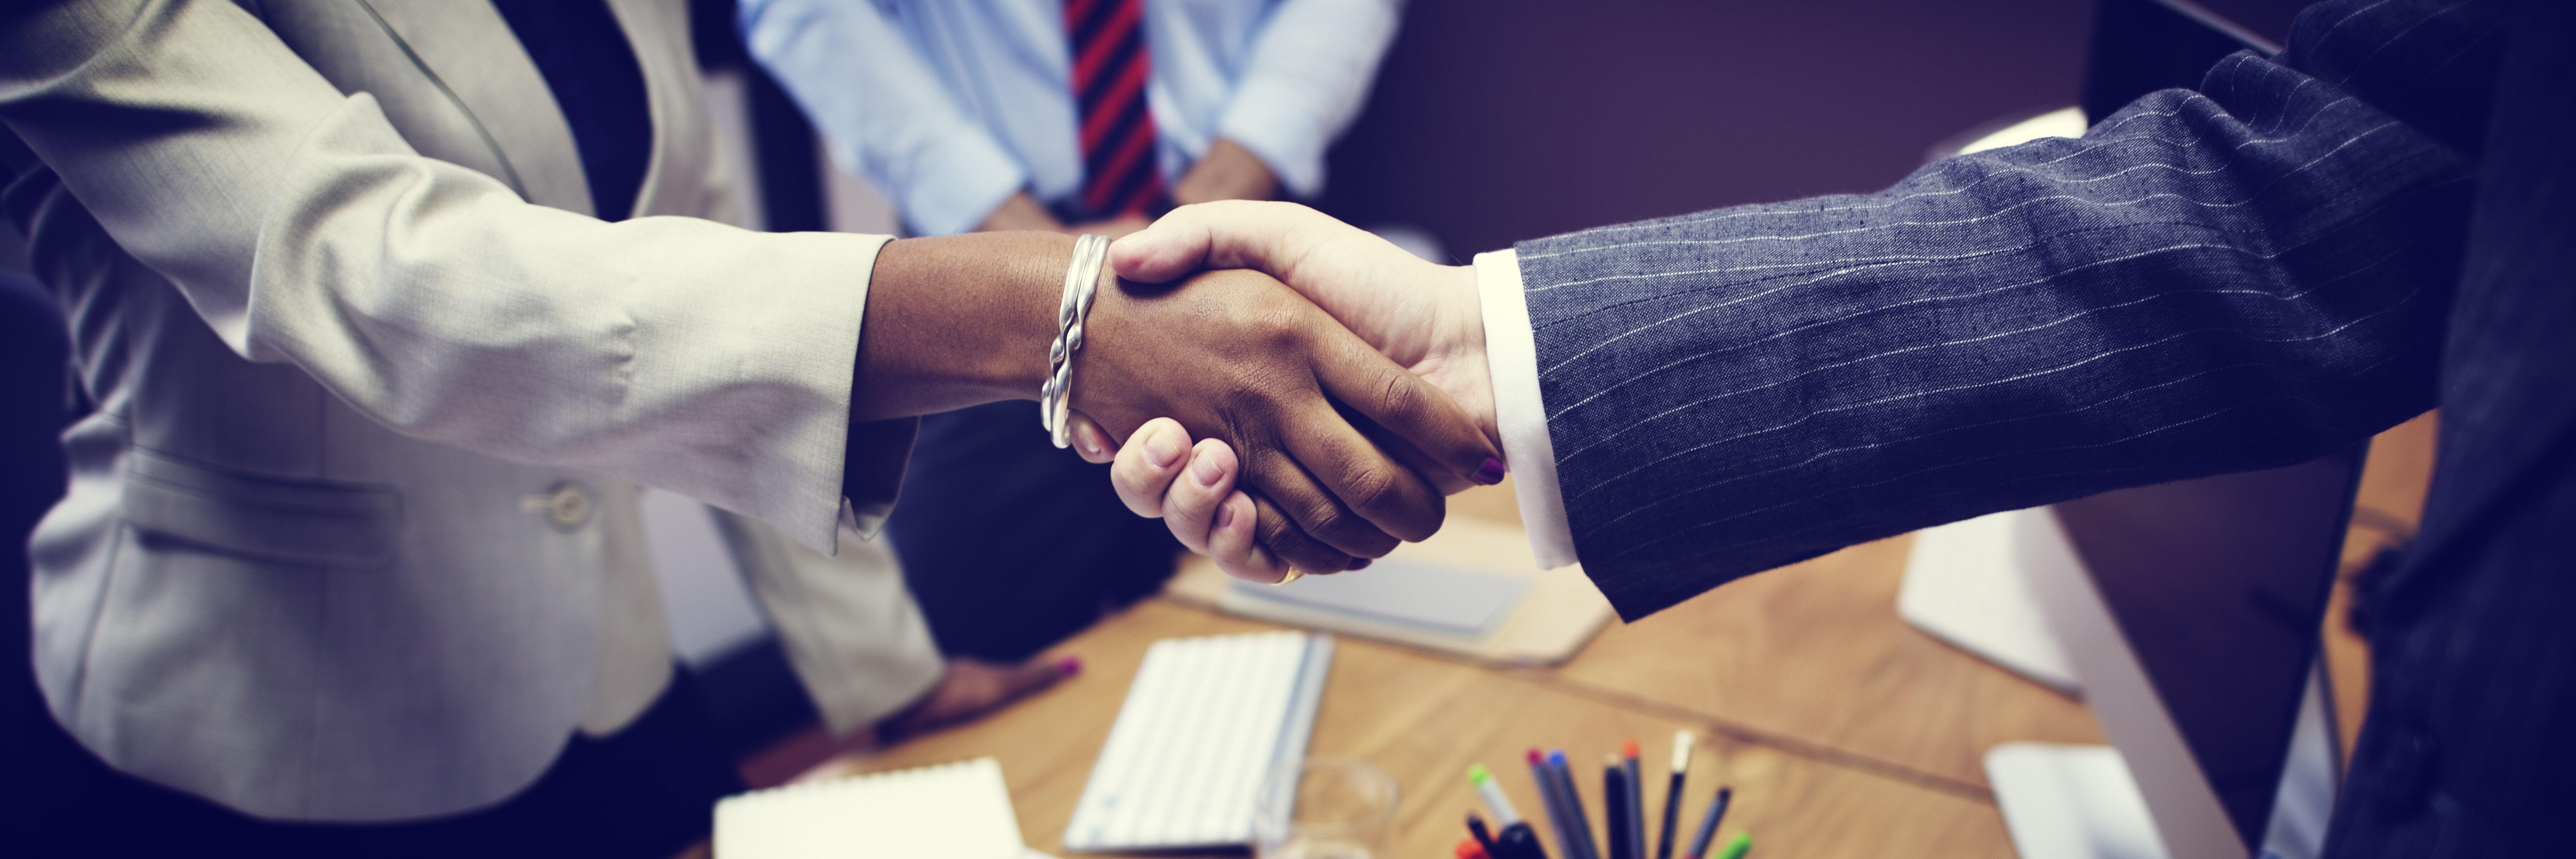 Abogados consulta online en Valencia, Abogados online Valencia,  abogados o